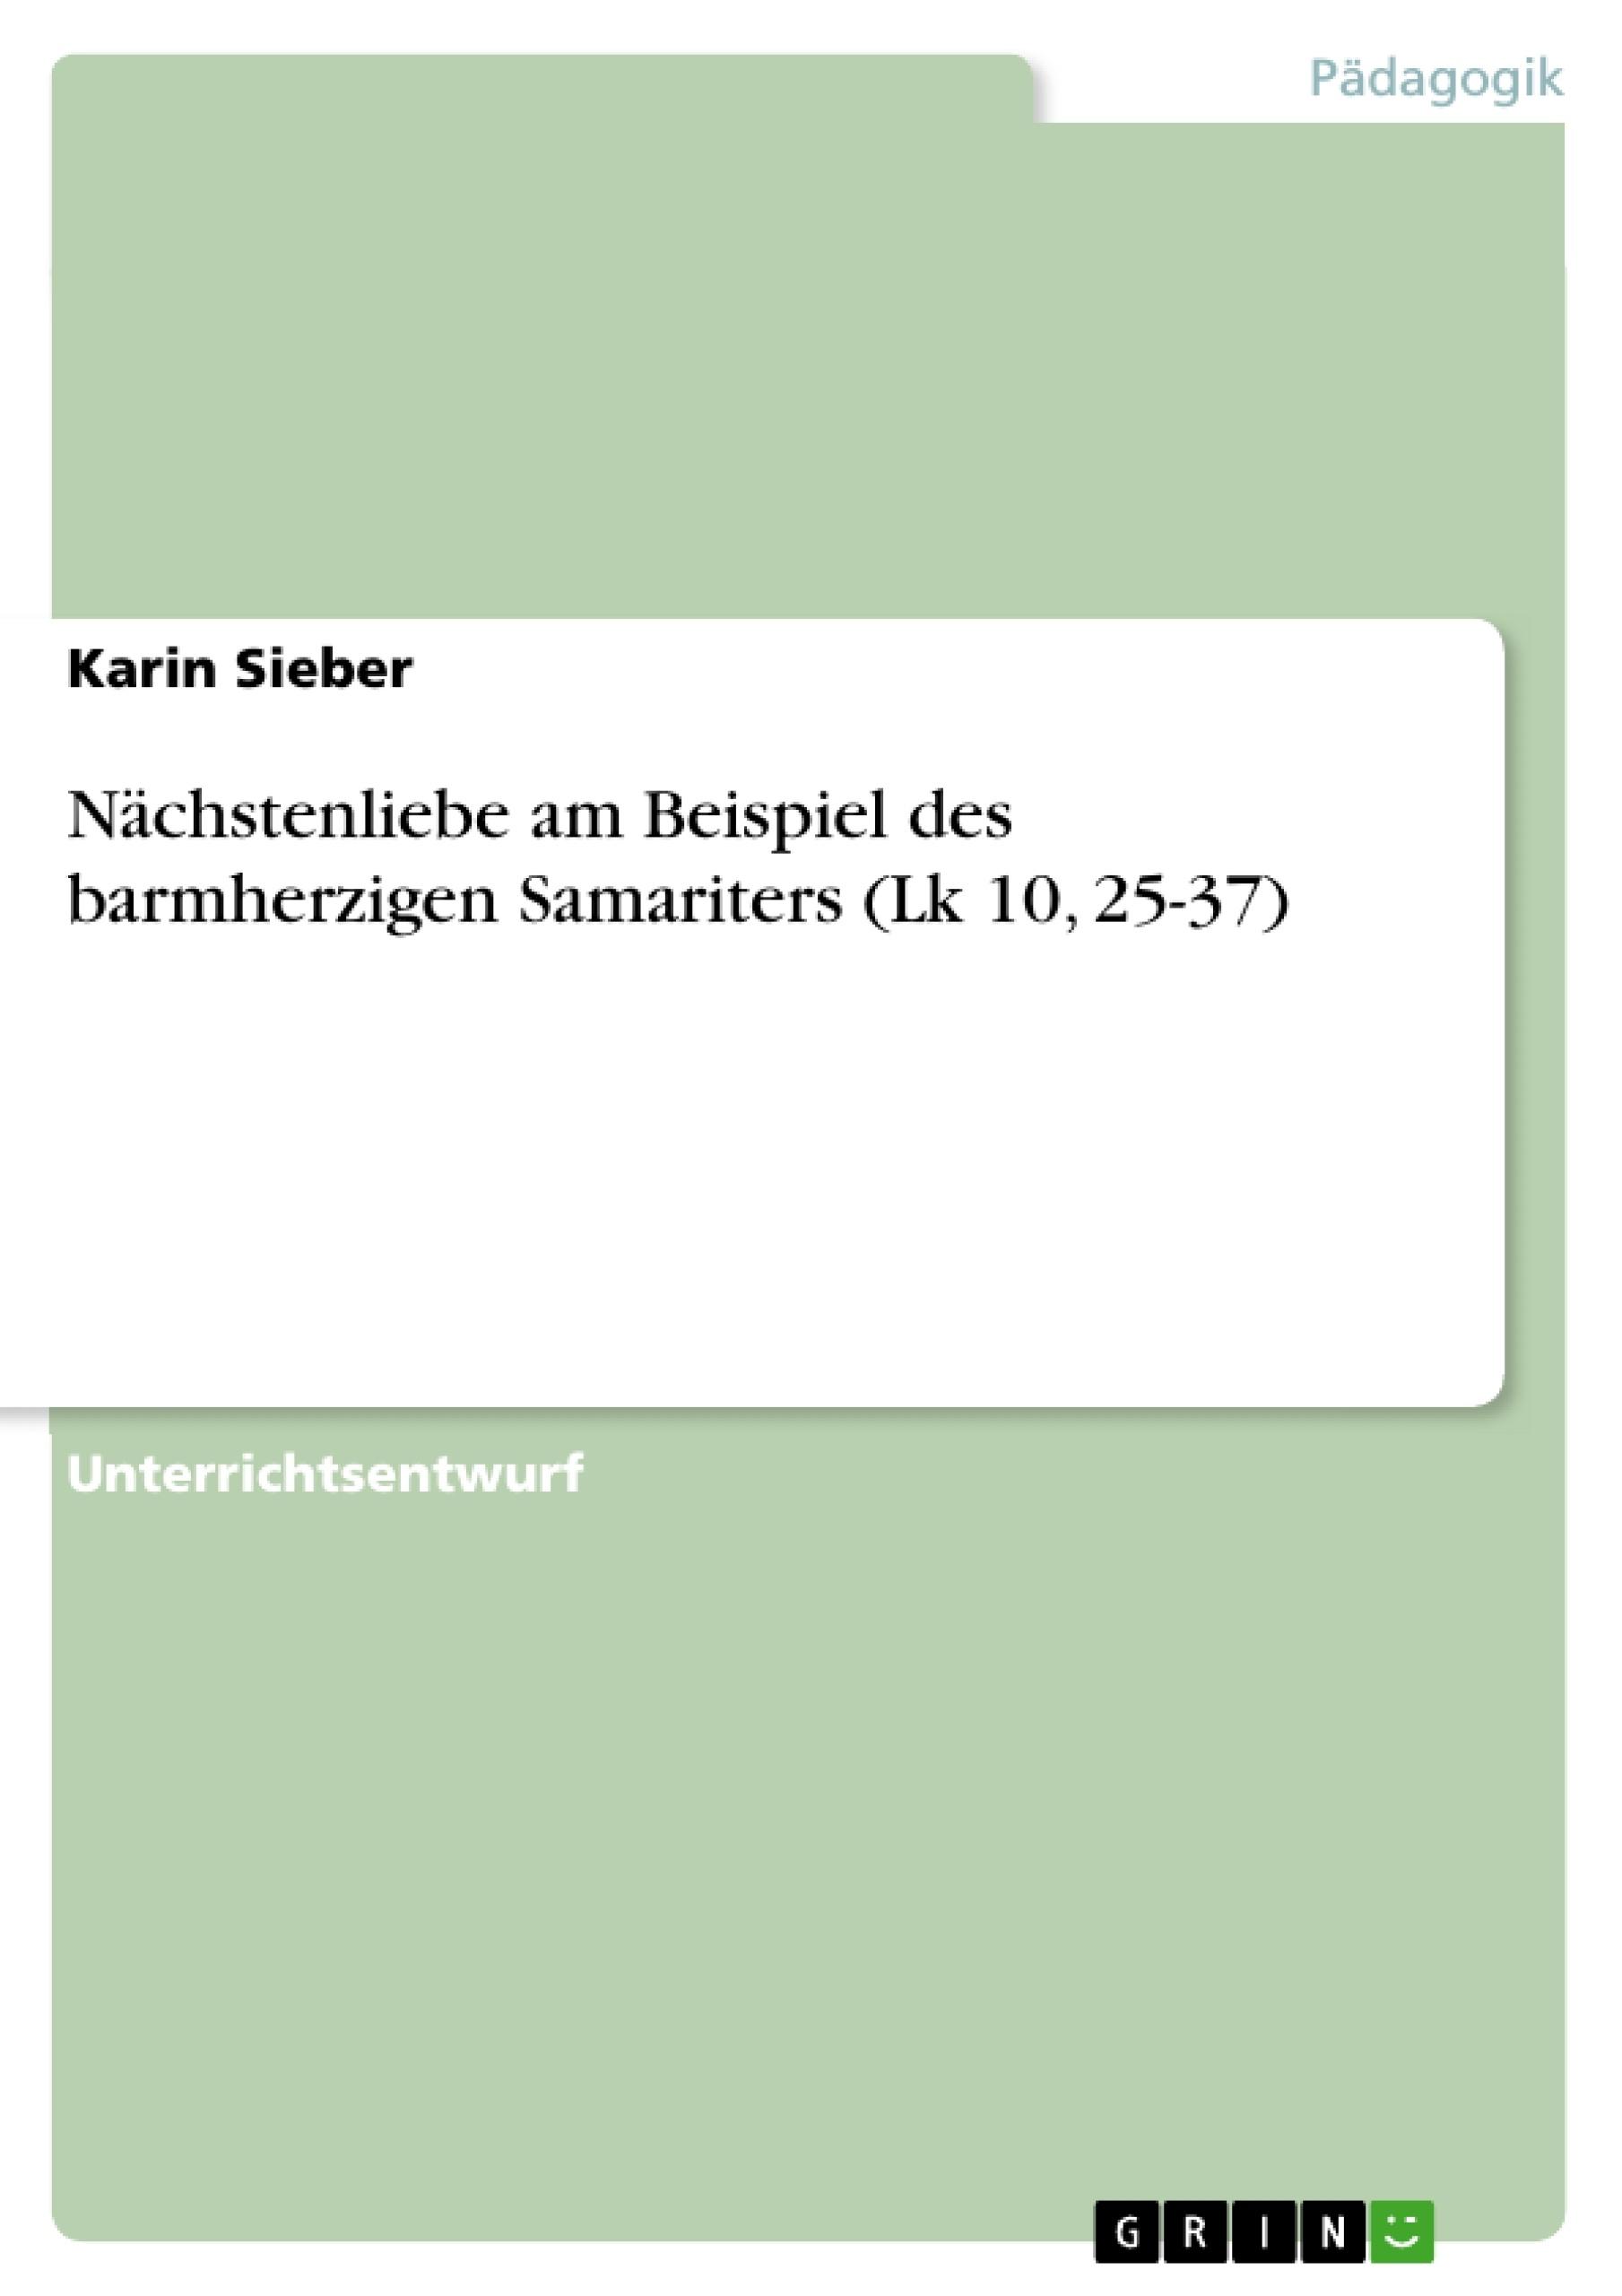 Titel: Nächstenliebe am Beispiel des barmherzigen Samariters (Lk 10, 25-37)